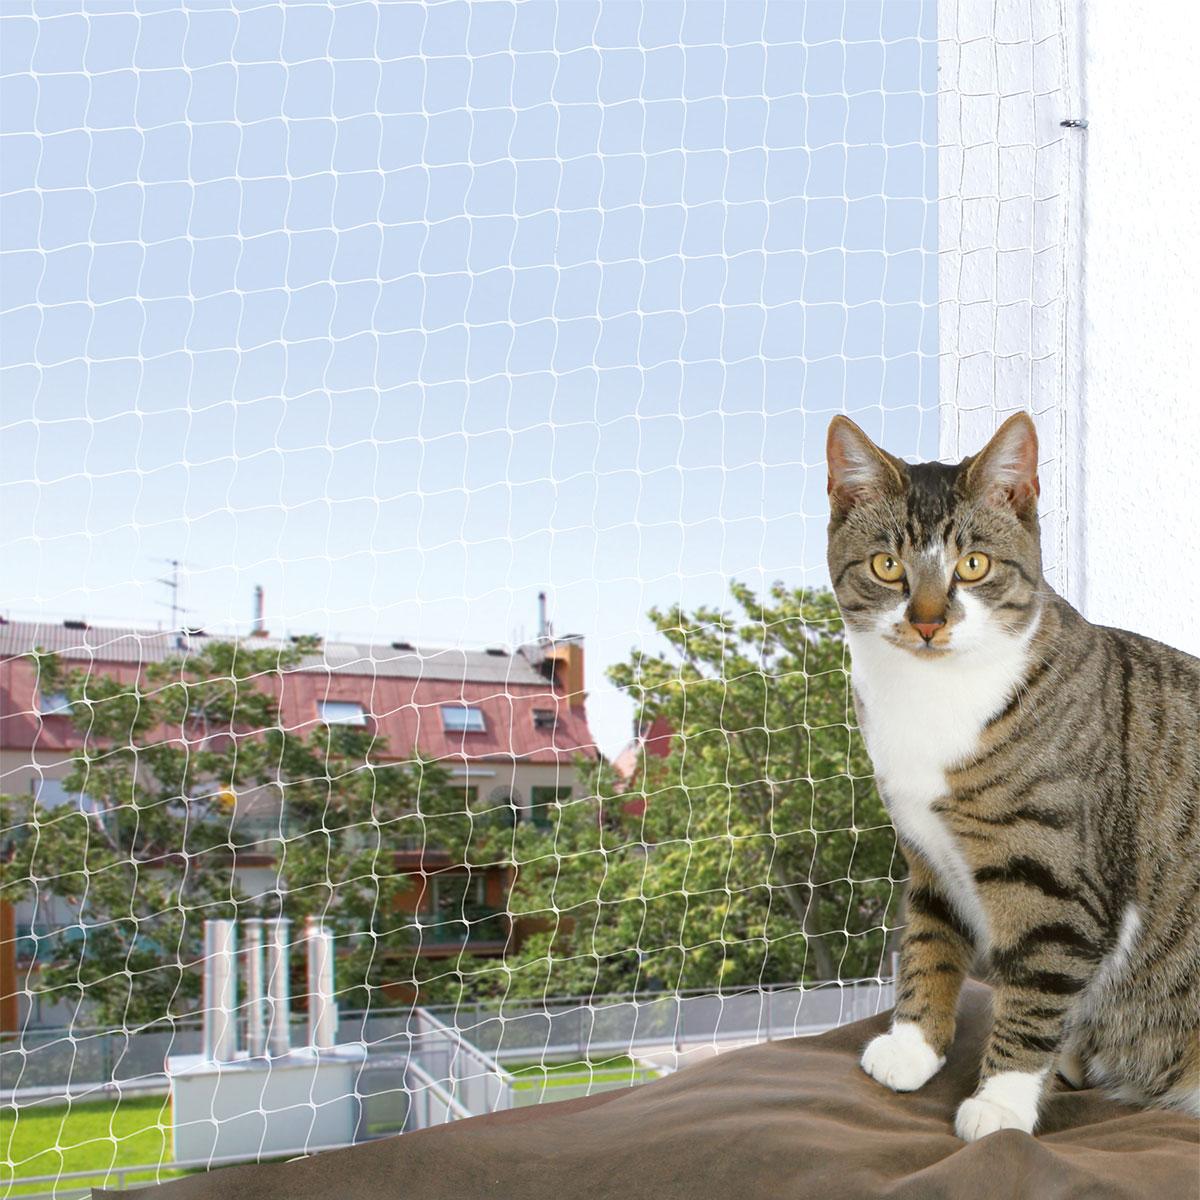 katzennetz katzenschutznetz g nstig kaufen bei zooroyal. Black Bedroom Furniture Sets. Home Design Ideas